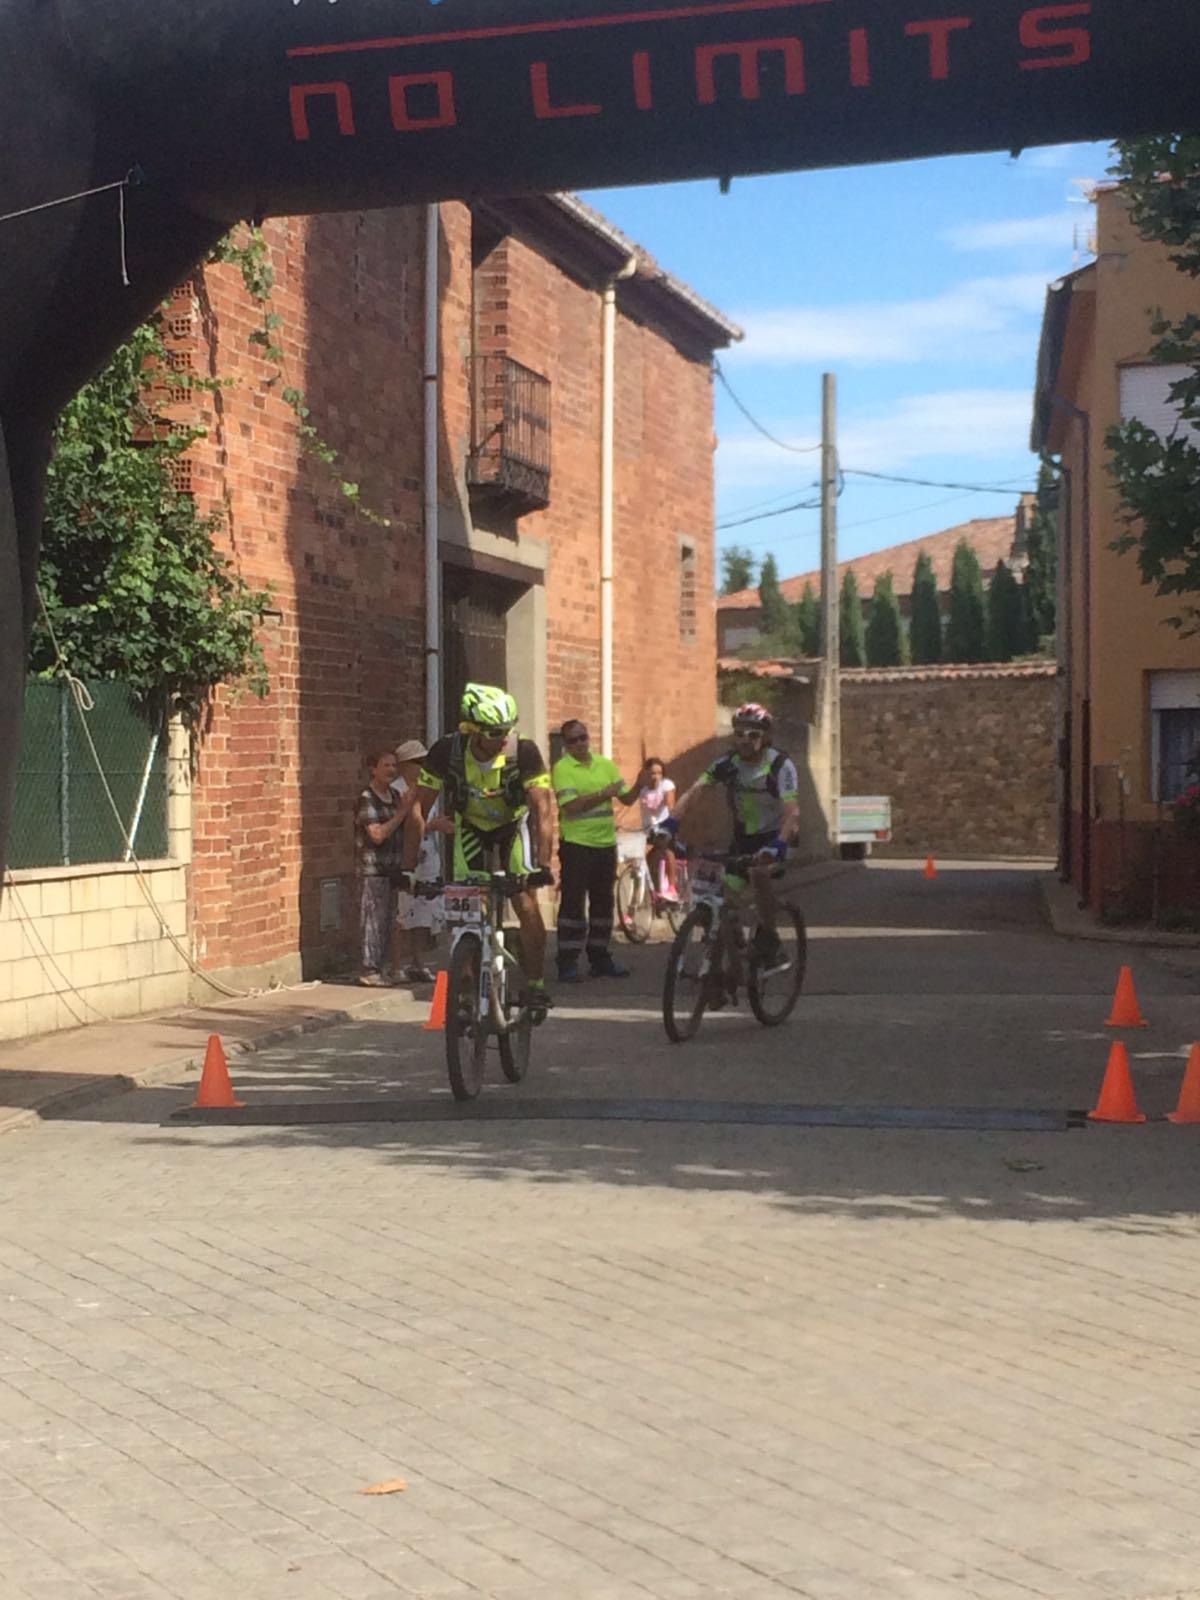 Circuito Leones Btt : Circuito leones btt cuadros regaló la carrera más